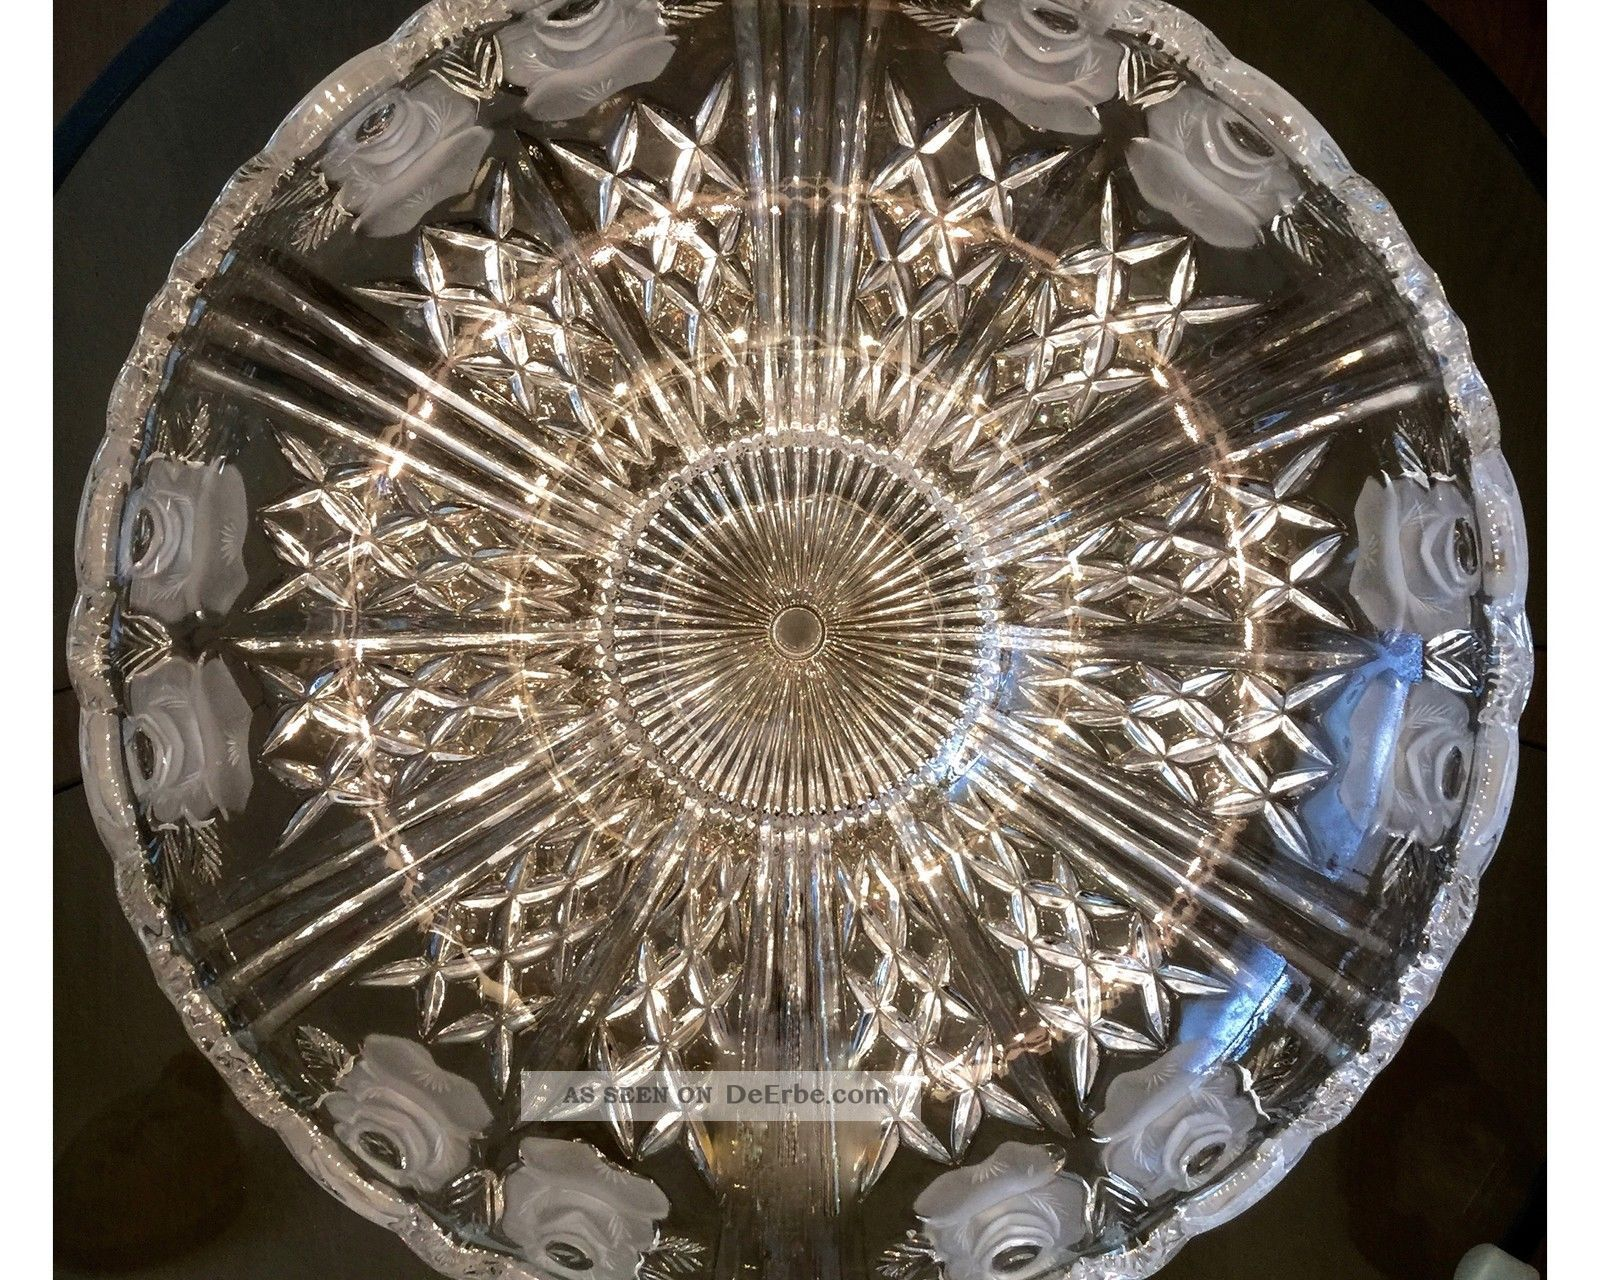 Riesige Vintage Kristall Schale Rosen Dekor 31,  5 Cm 50er Jahre Glas & Kristall Bild